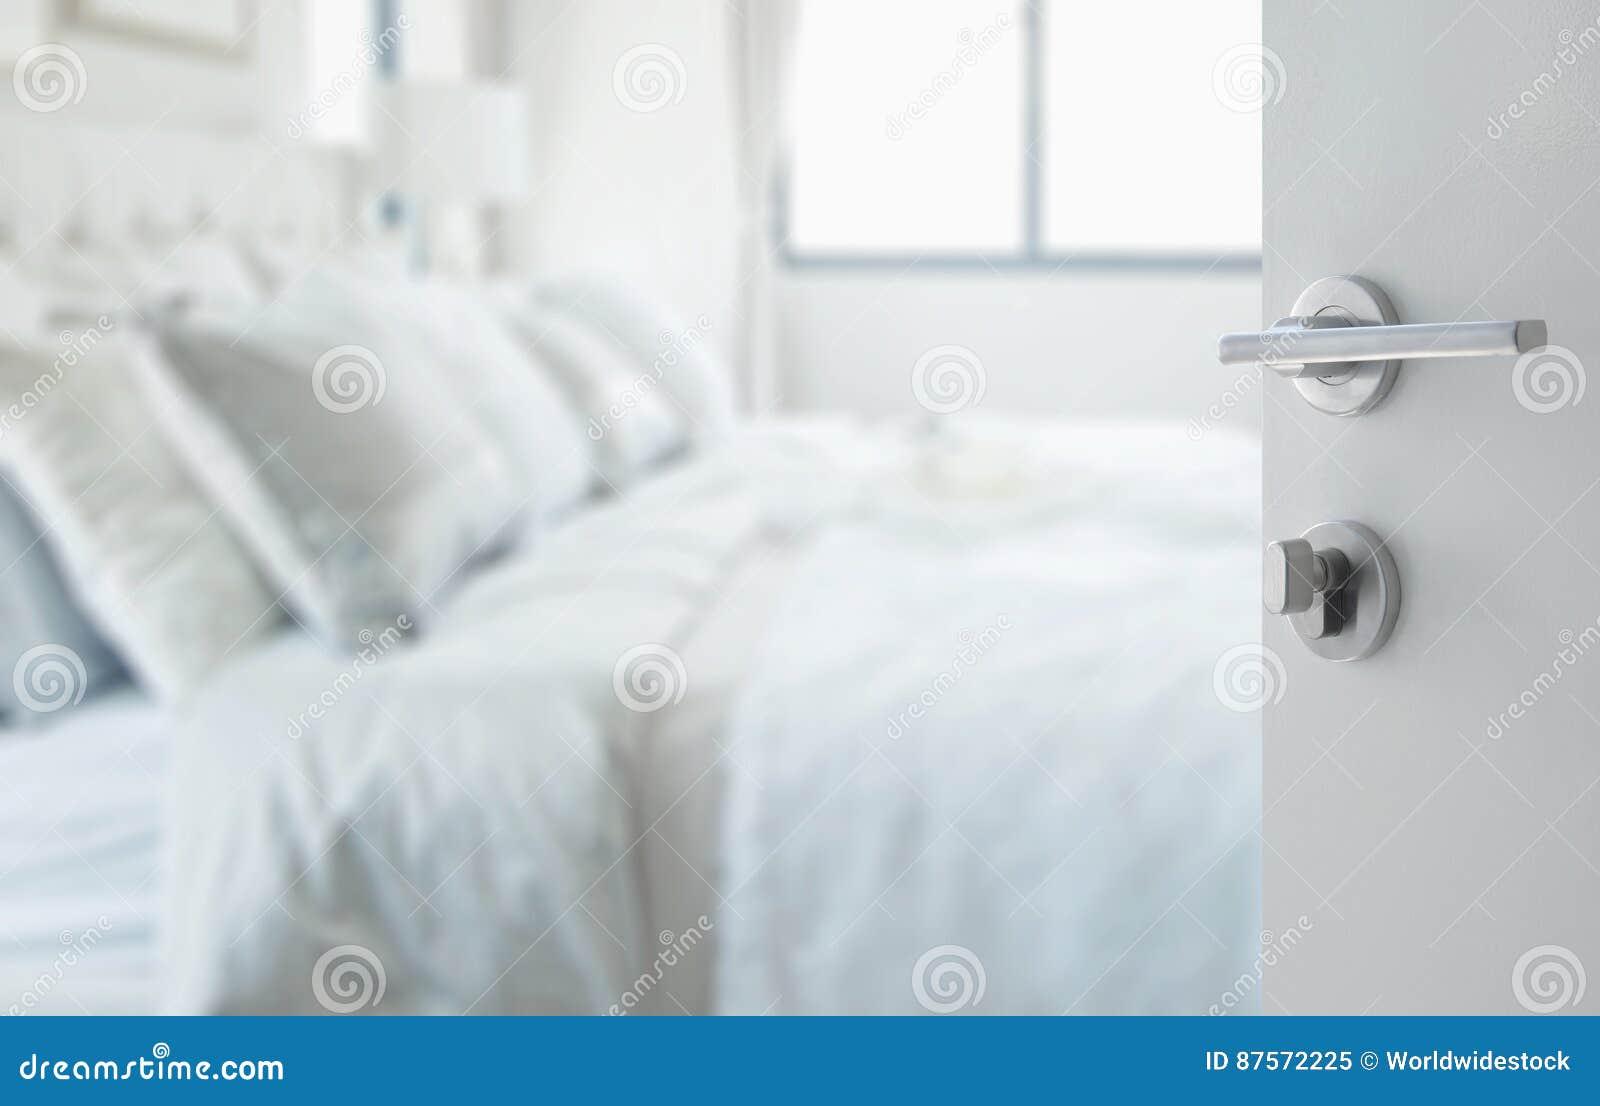 Rozpieczętowany Biały Drzwi Abstrakcjonistyczny Tło